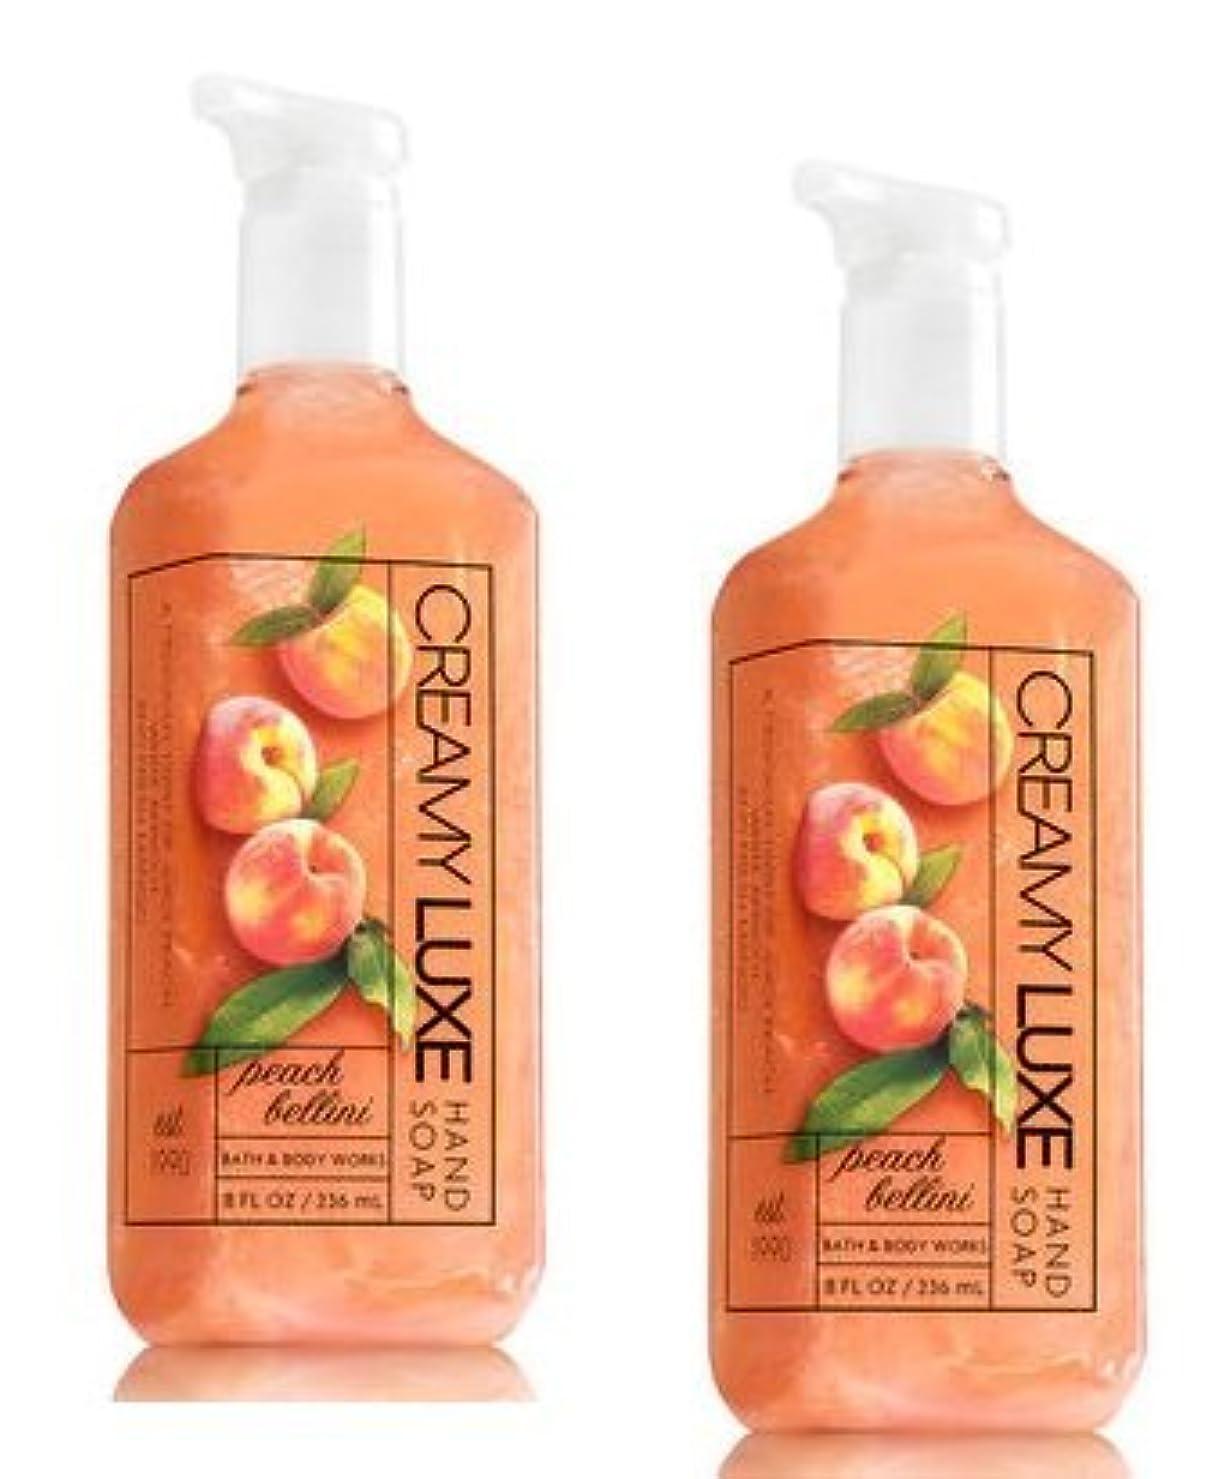 苦情文句ピンこだわりBath & Body Works ピーチベリーニ クリーミー リュクス ハンドソープ 2本セット PEACH BELLINI Creamy Luxe Hand Soap. 8 oz 236ml [並行輸入品]